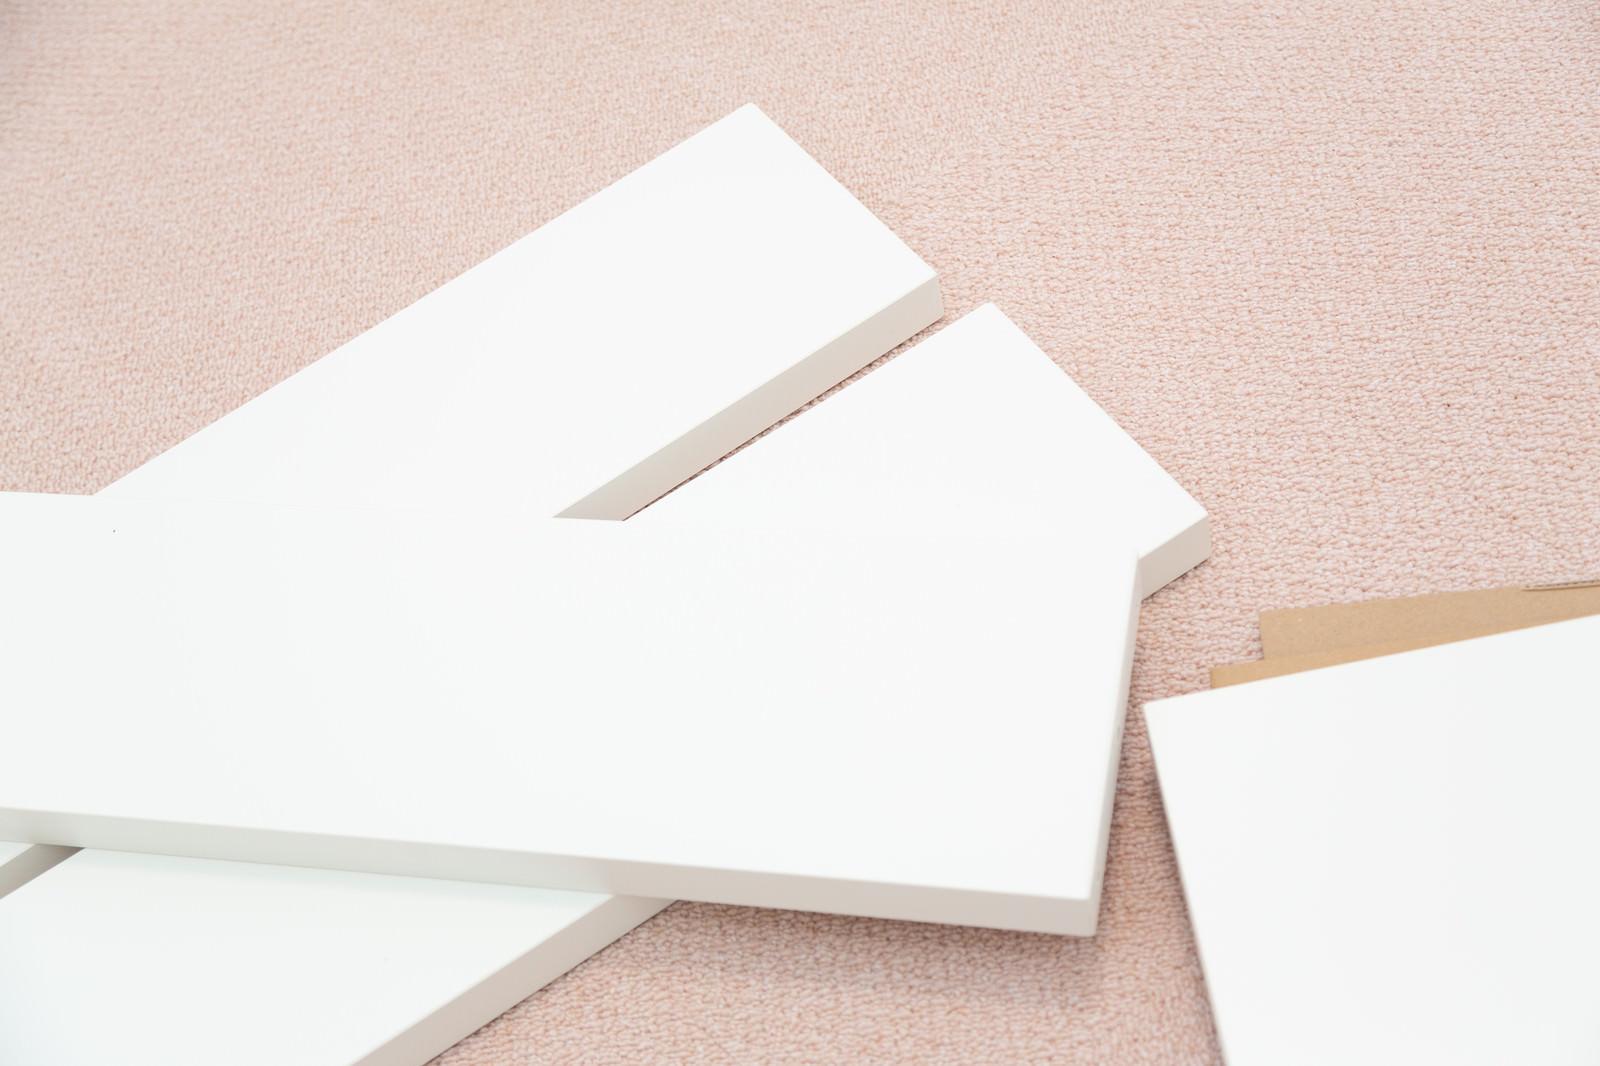 「組み立て式家具の板 | 写真の無料素材・フリー素材 - ぱくたそ」の写真